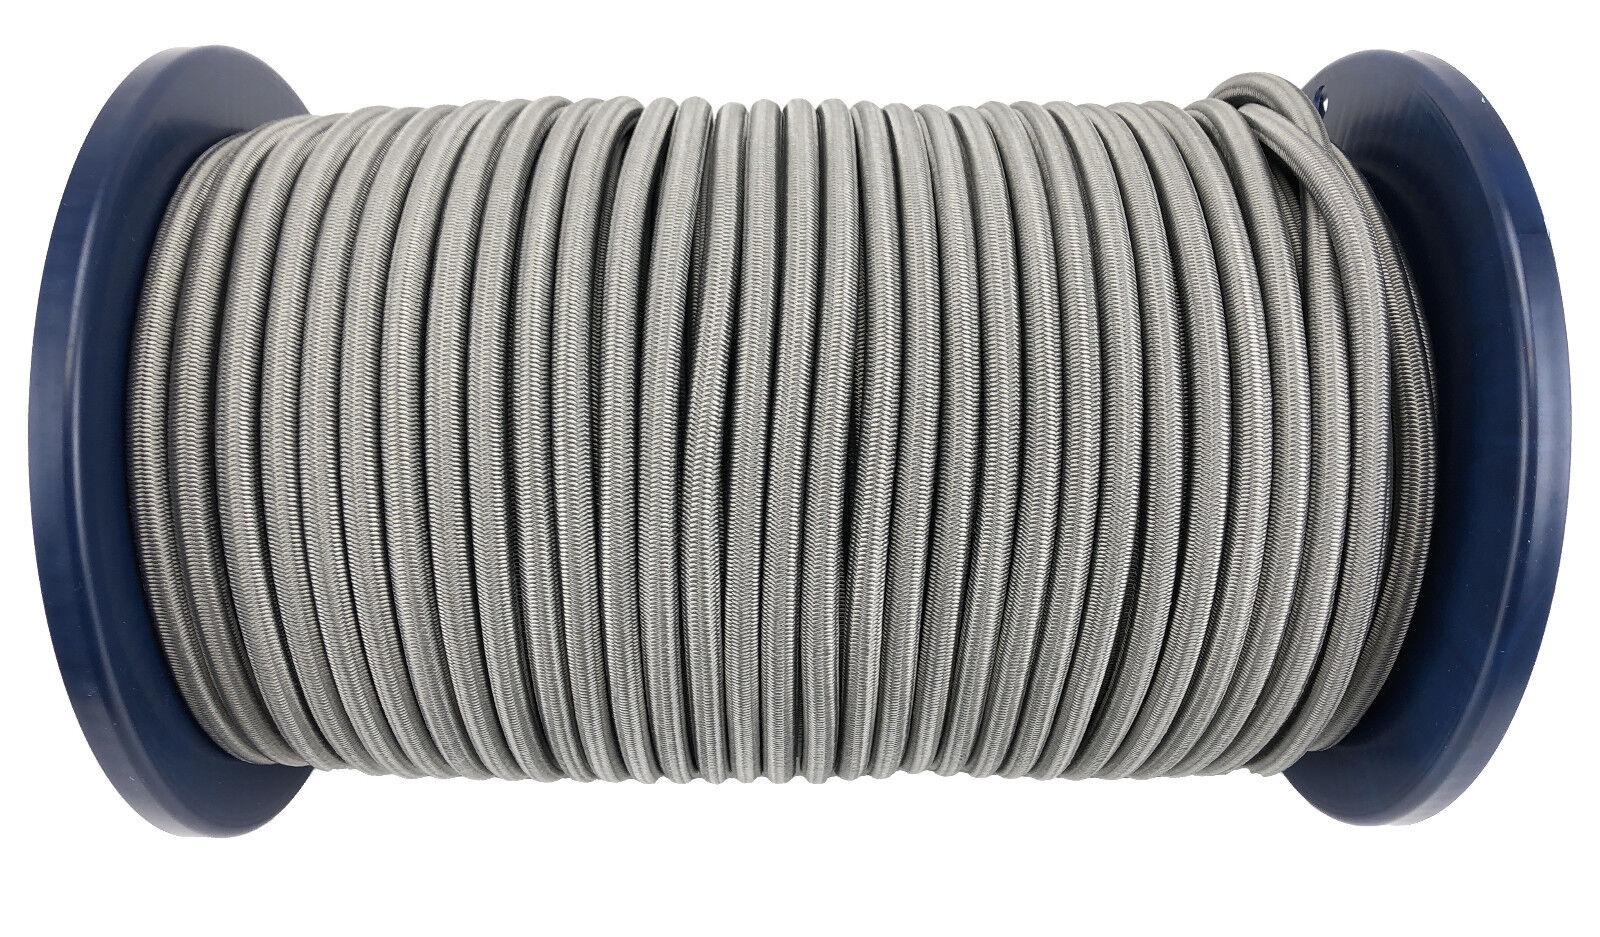 Weiterer Wassersport Krawatte Unten Heavy Duty 5mm Olive Elastischer Gummizug Seil X 40 Meter